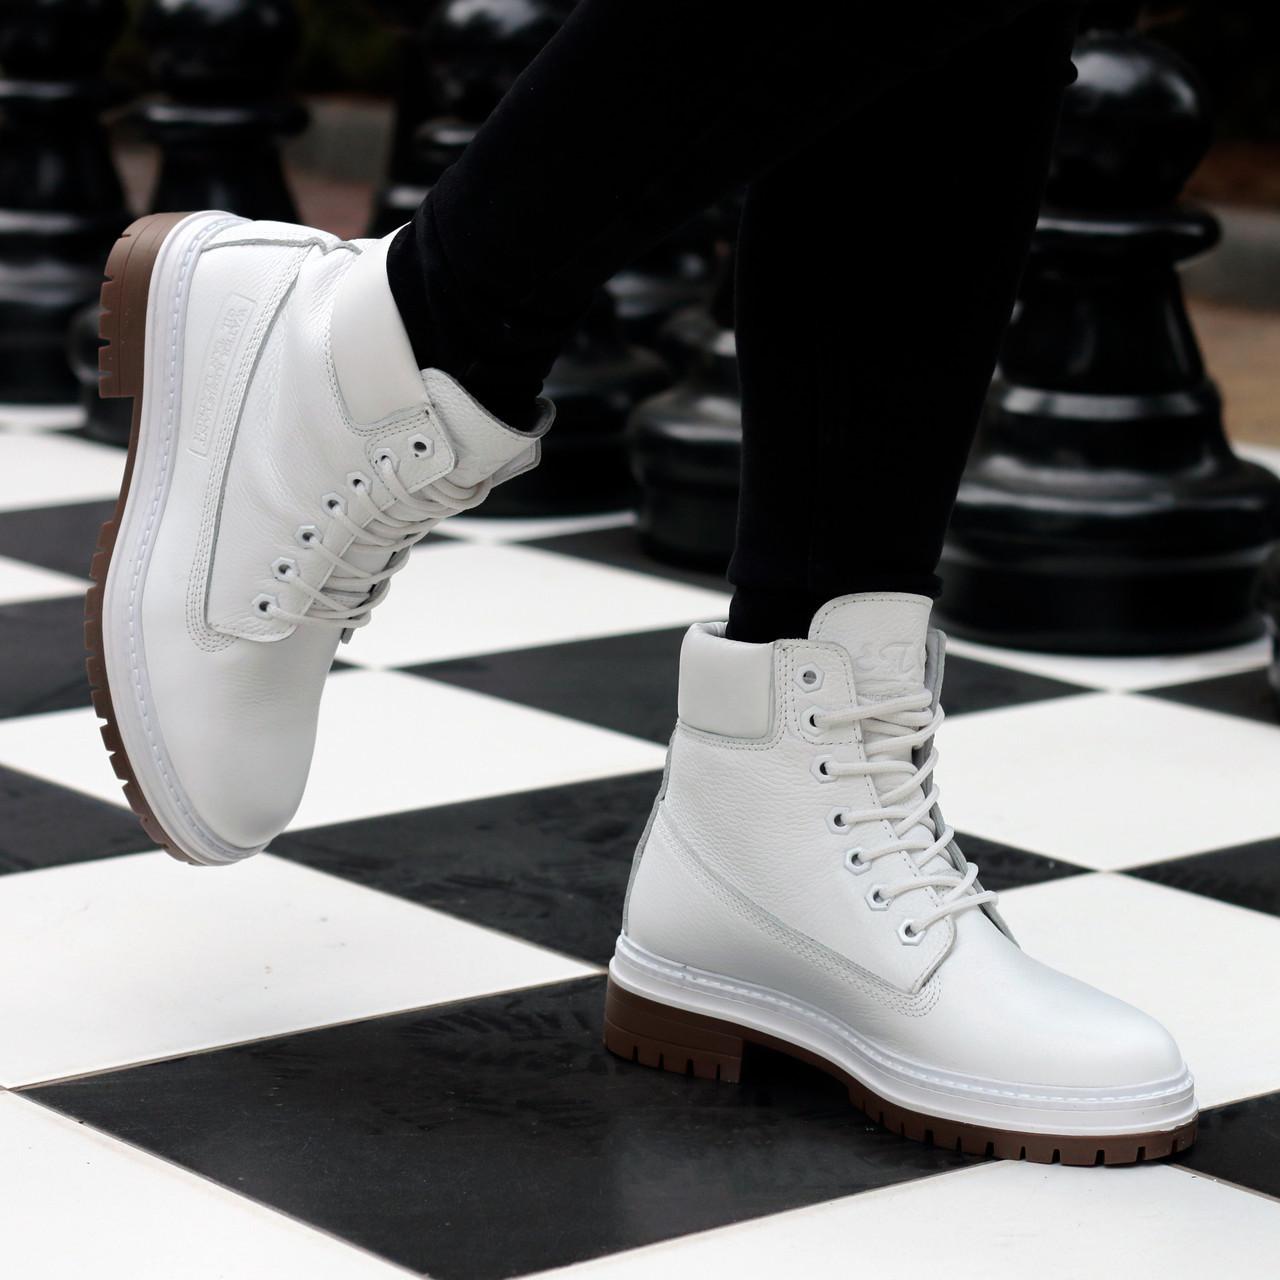 Ботинки Etor 2852-5551 37 белые